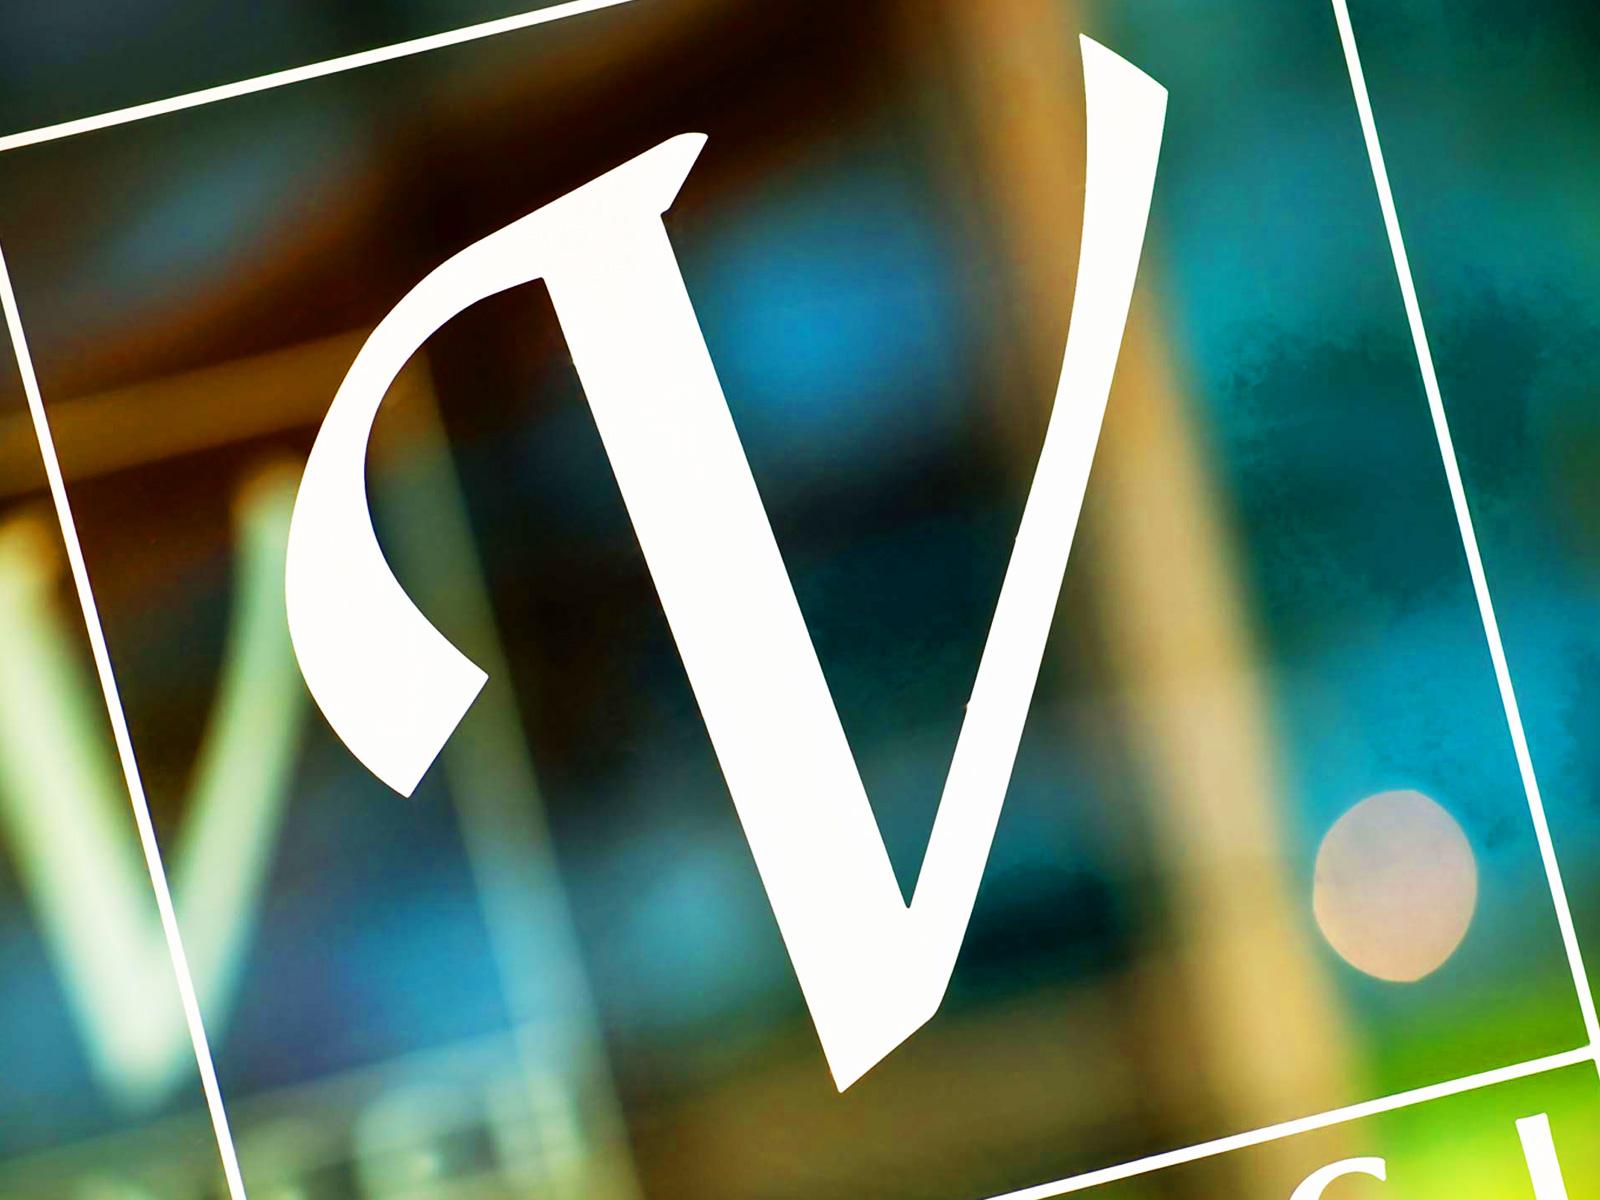 About Vincci - Vincci Hoteles